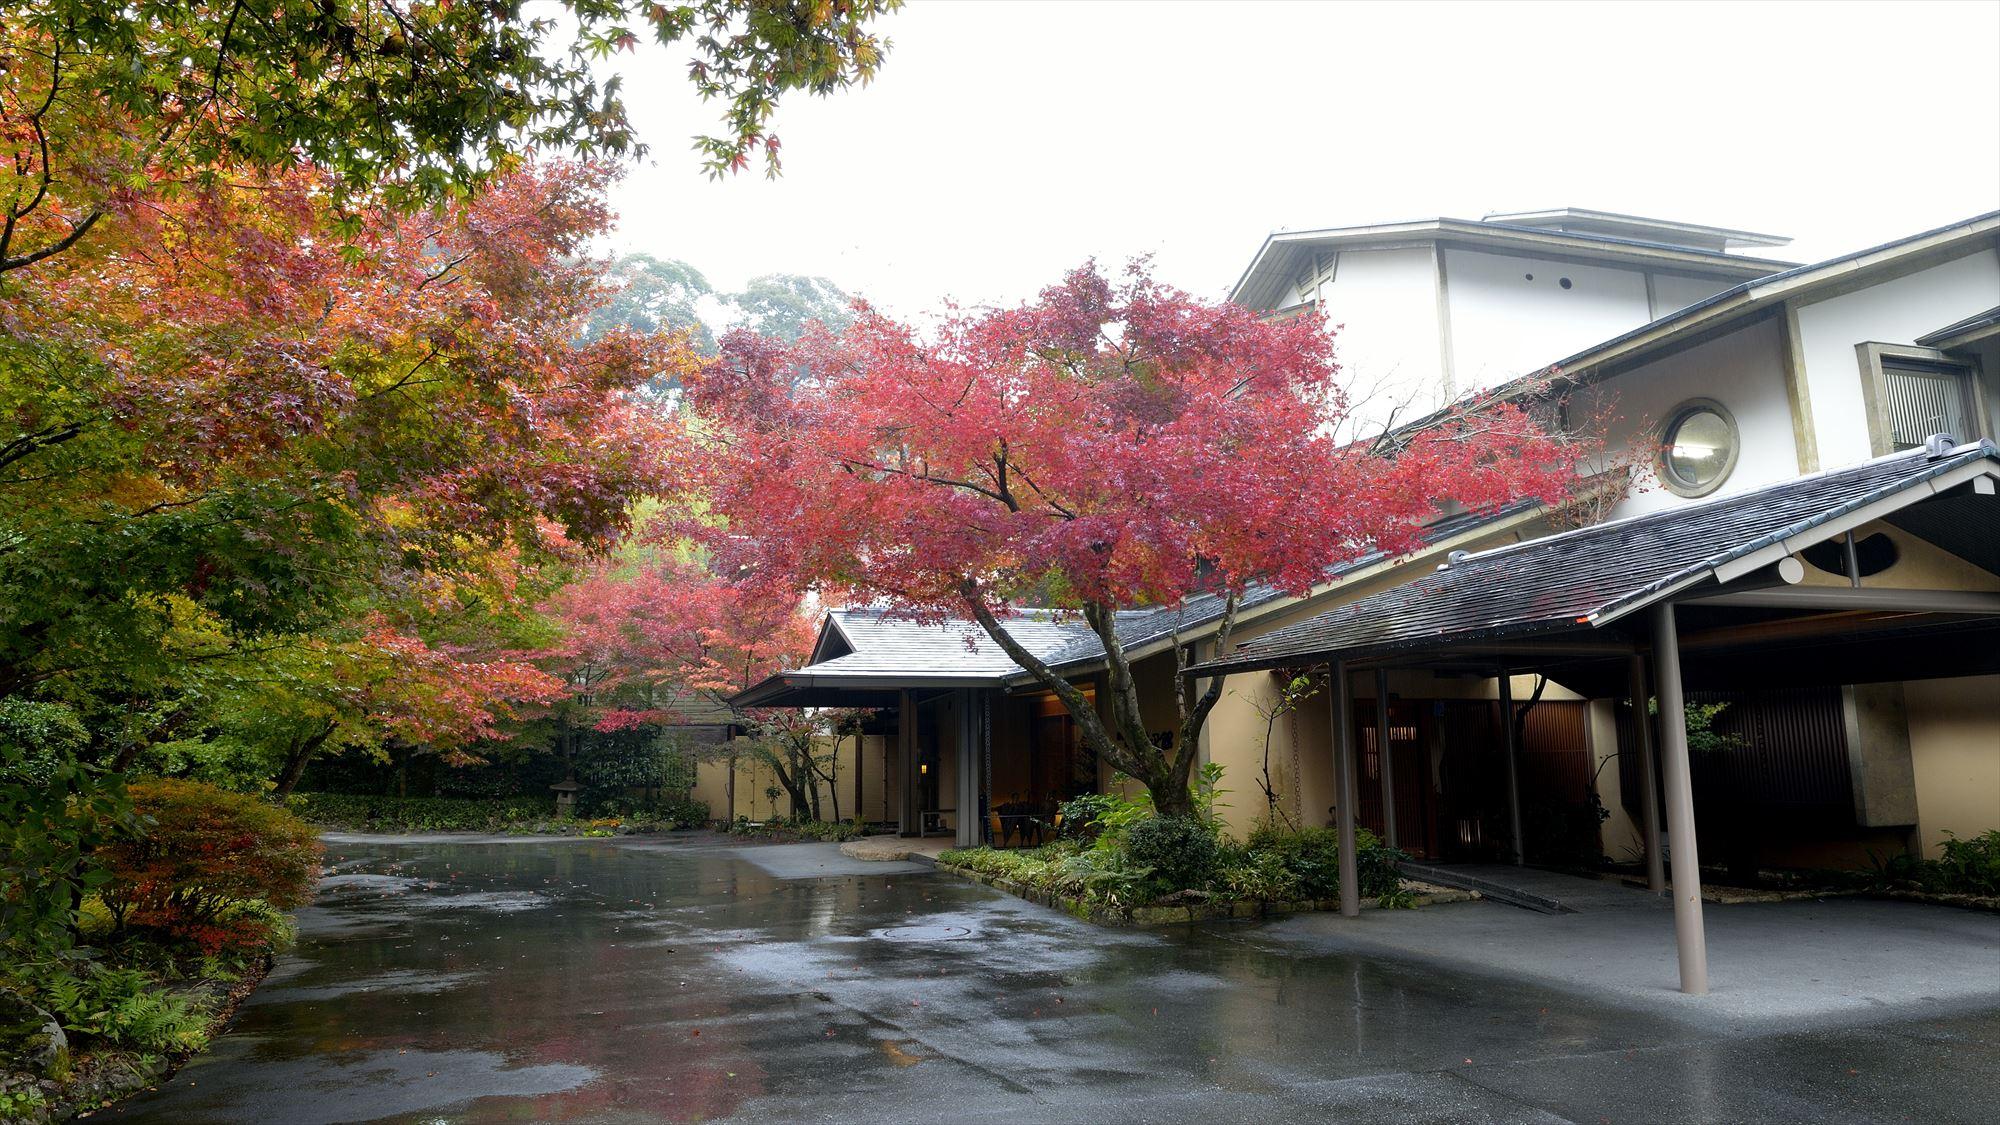 関東圏内で夫婦旅行に最適な場所を教えてください